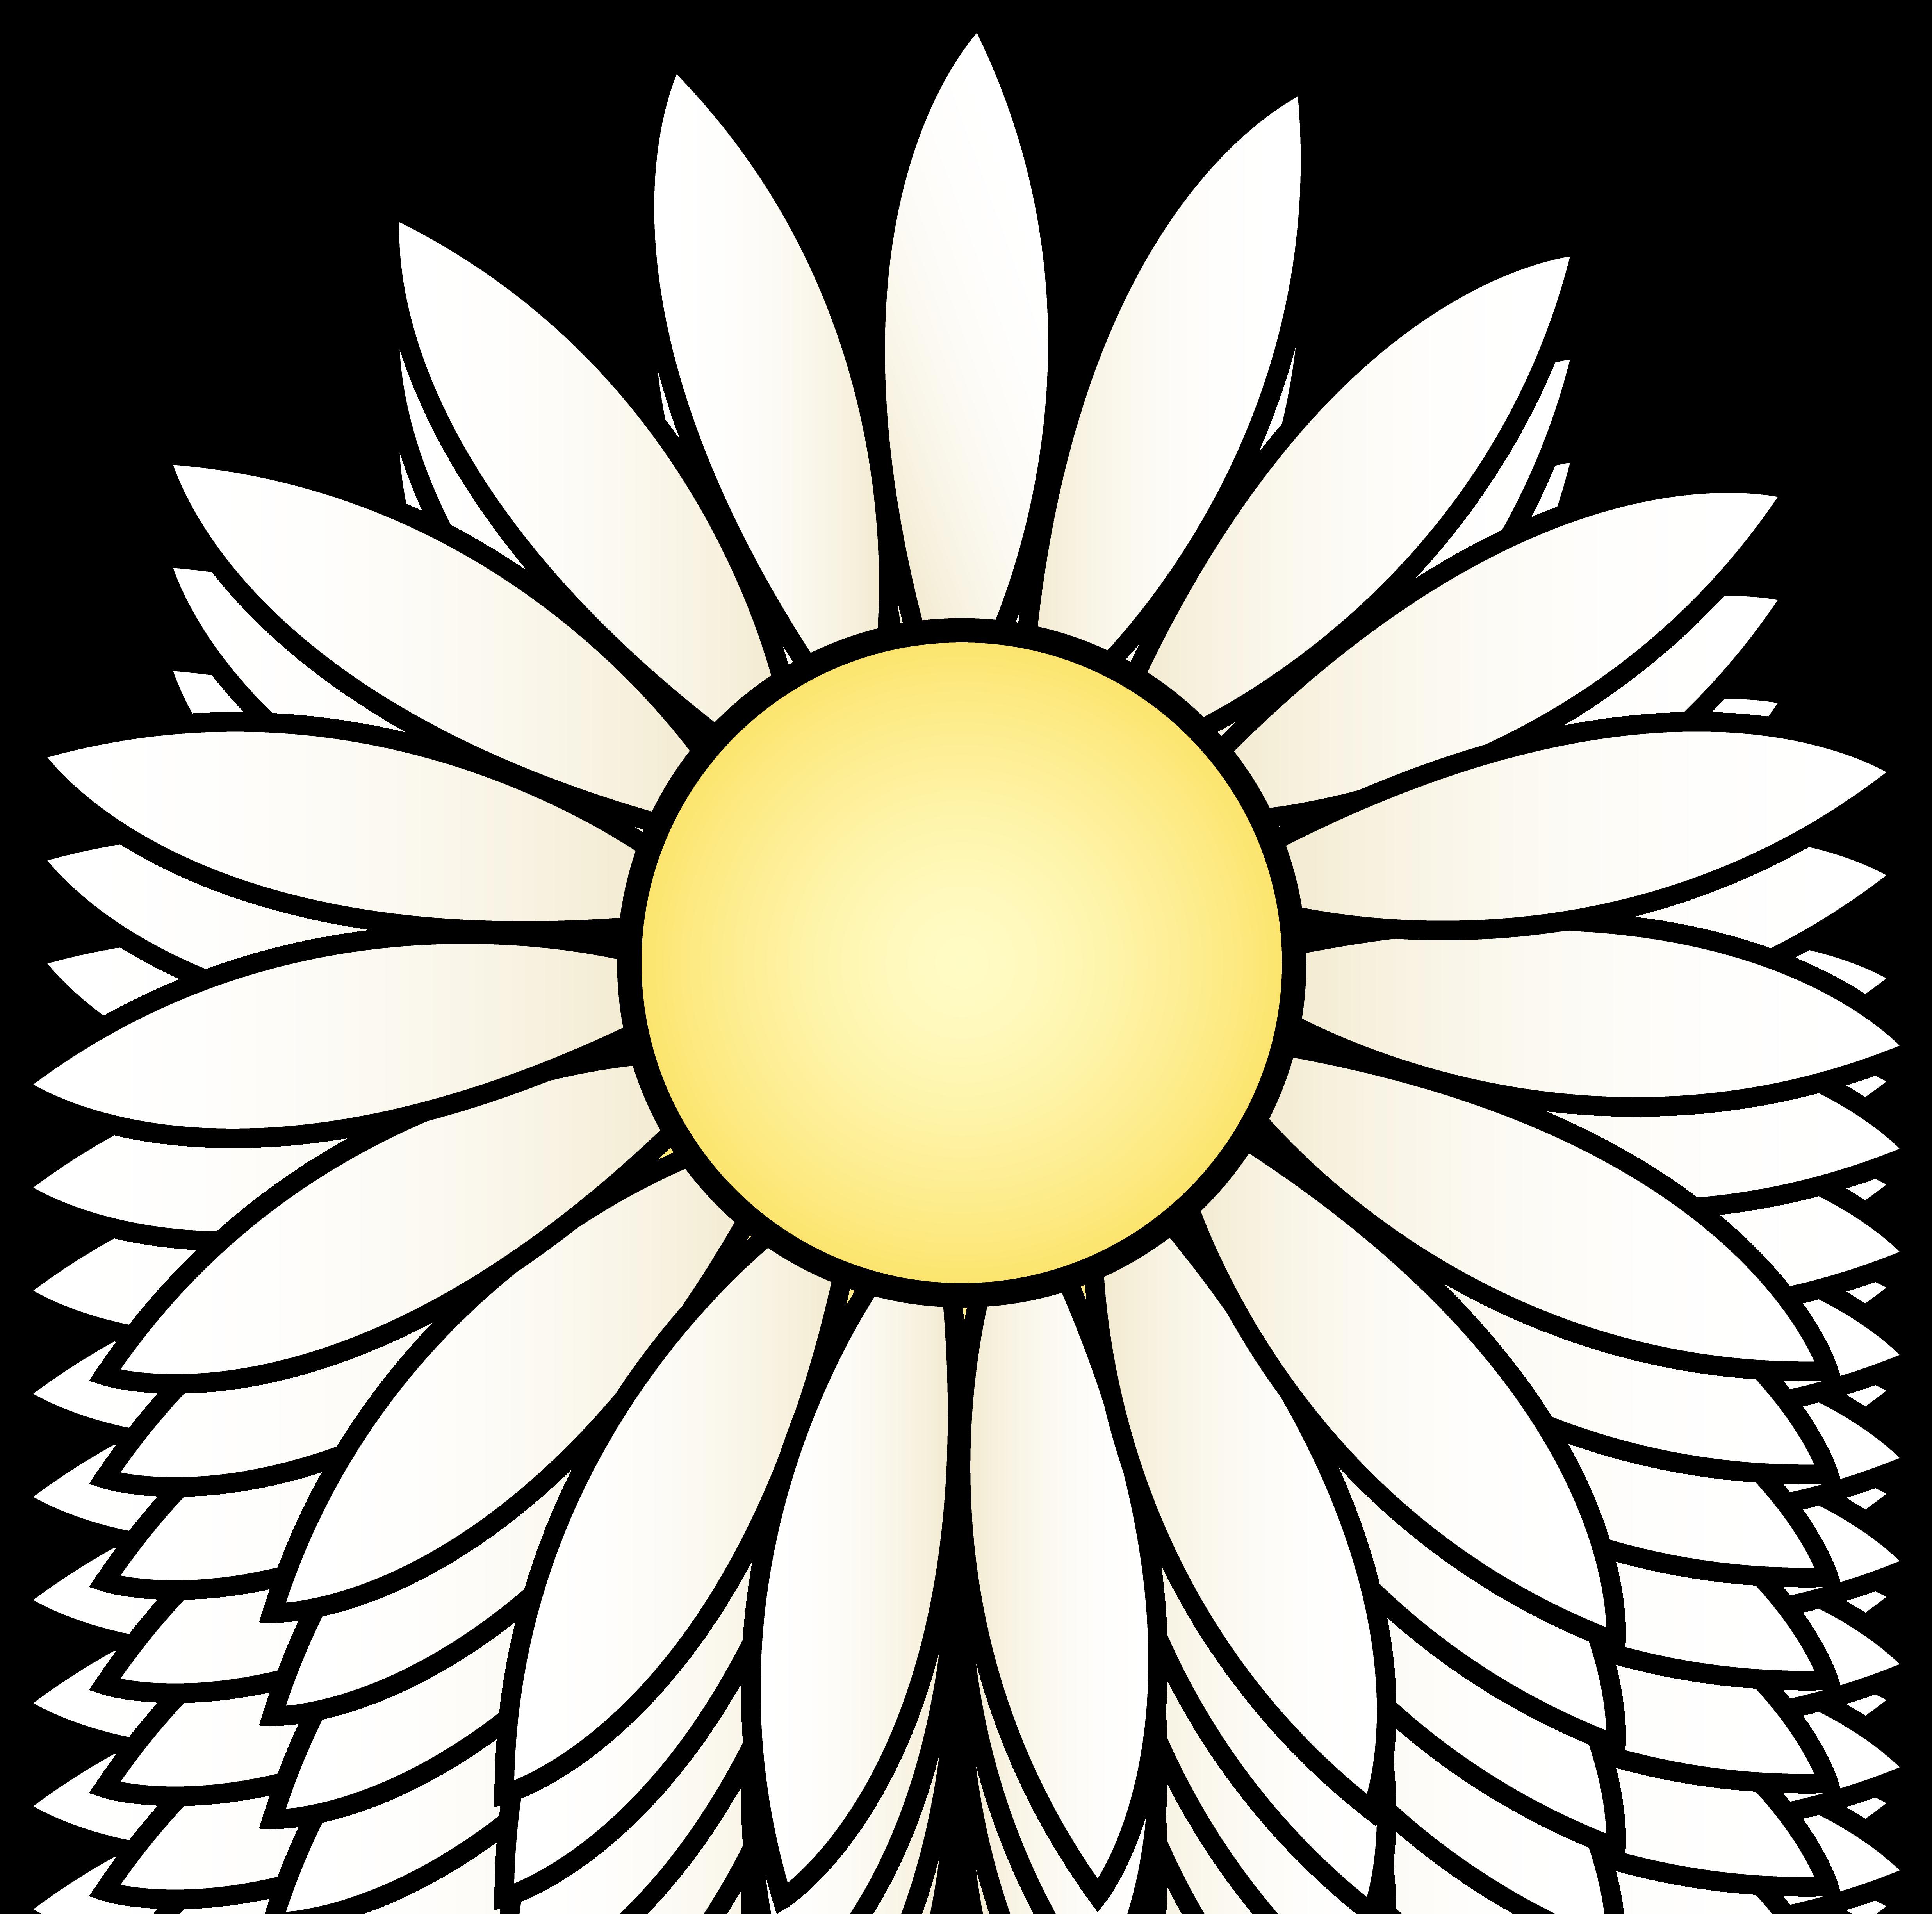 Daisy Clip Art-Daisy Clip Art-10